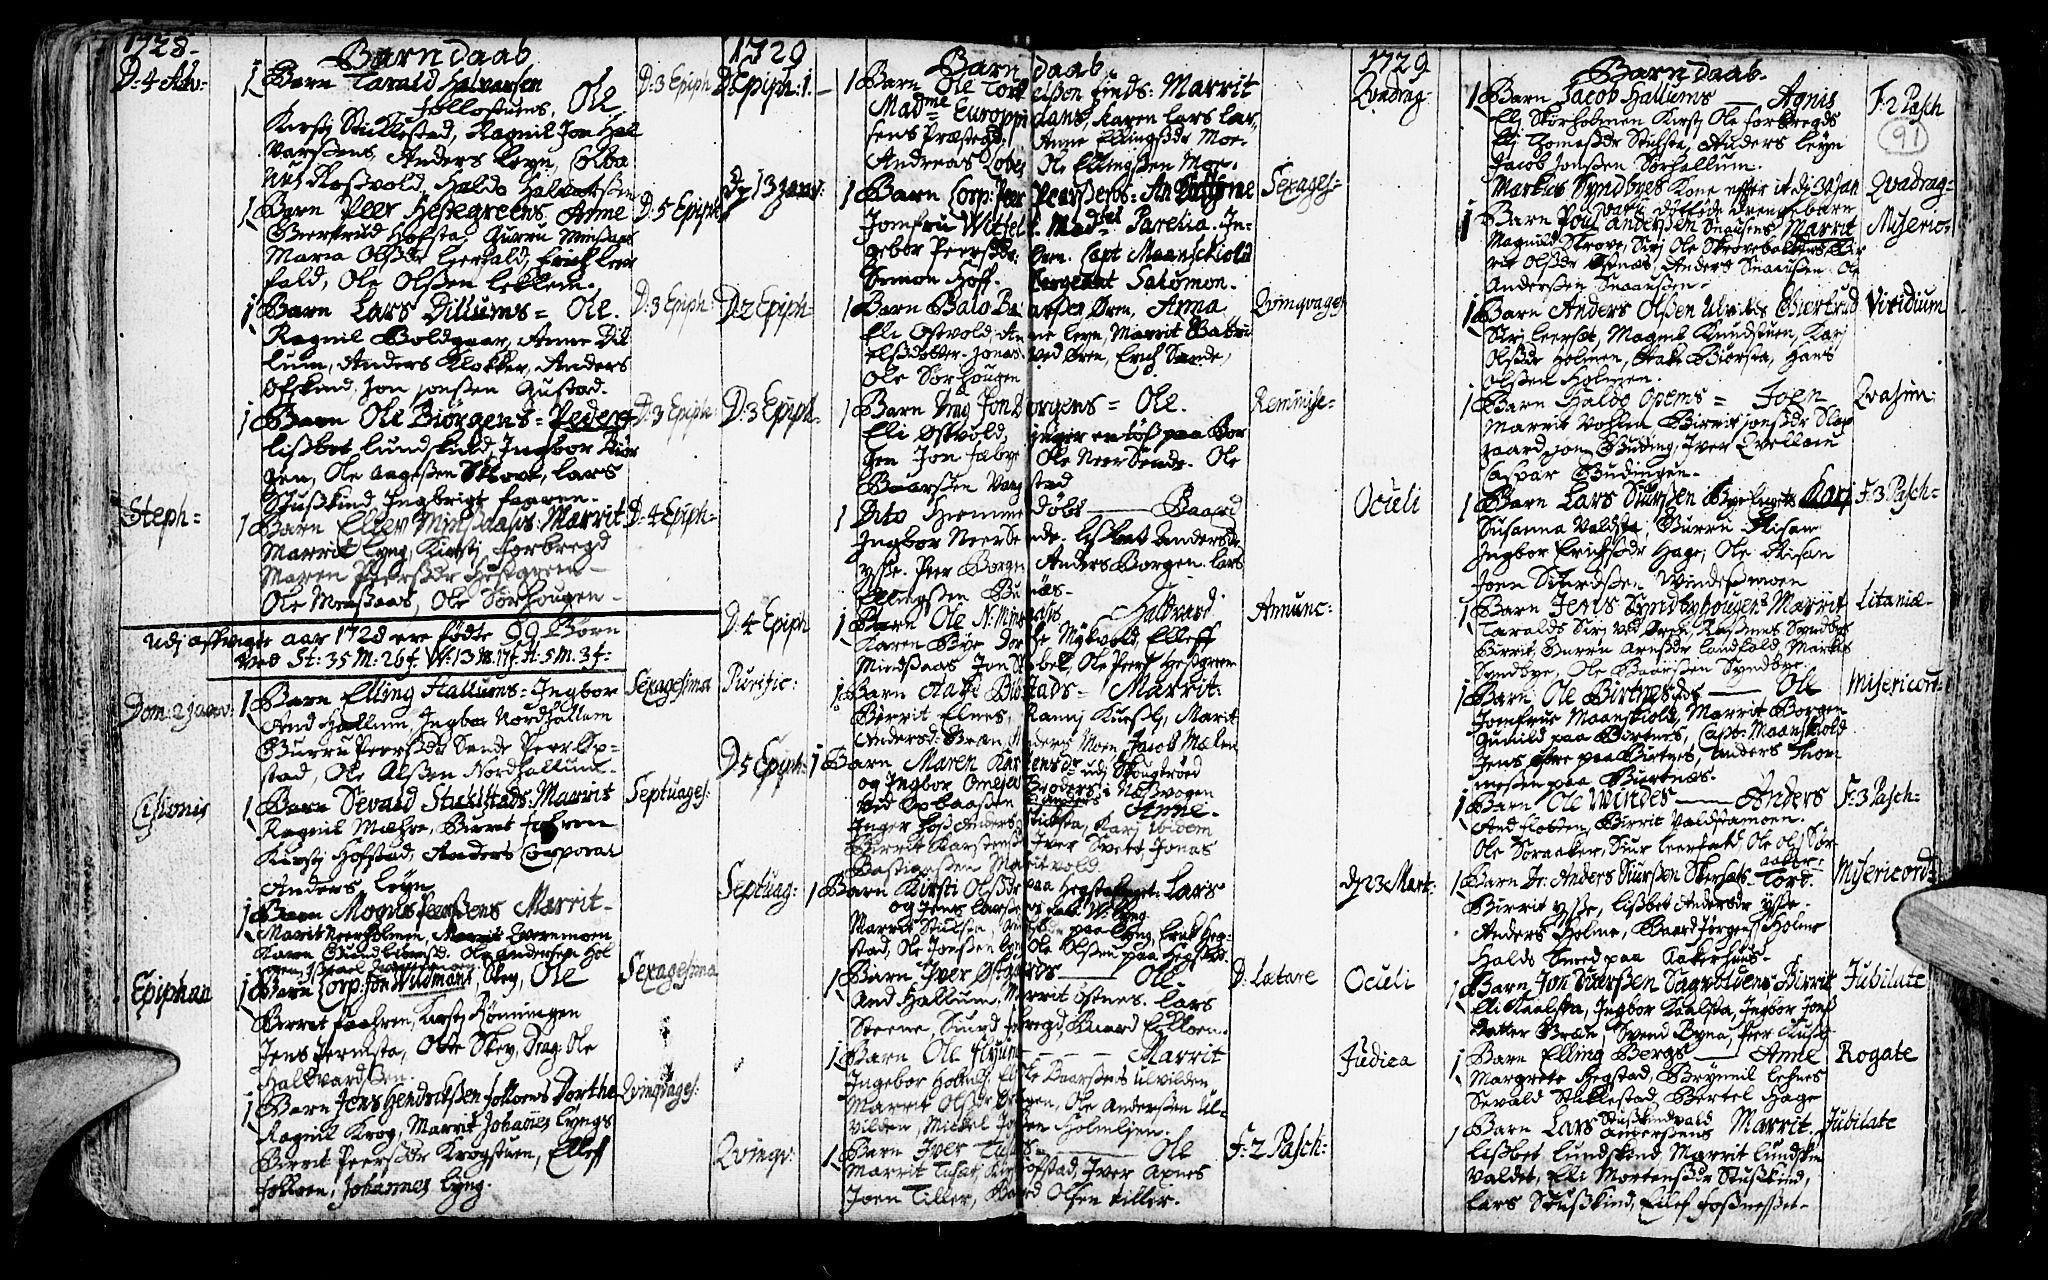 SAT, Ministerialprotokoller, klokkerbøker og fødselsregistre - Nord-Trøndelag, 723/L0230: Ministerialbok nr. 723A01, 1705-1747, s. 91